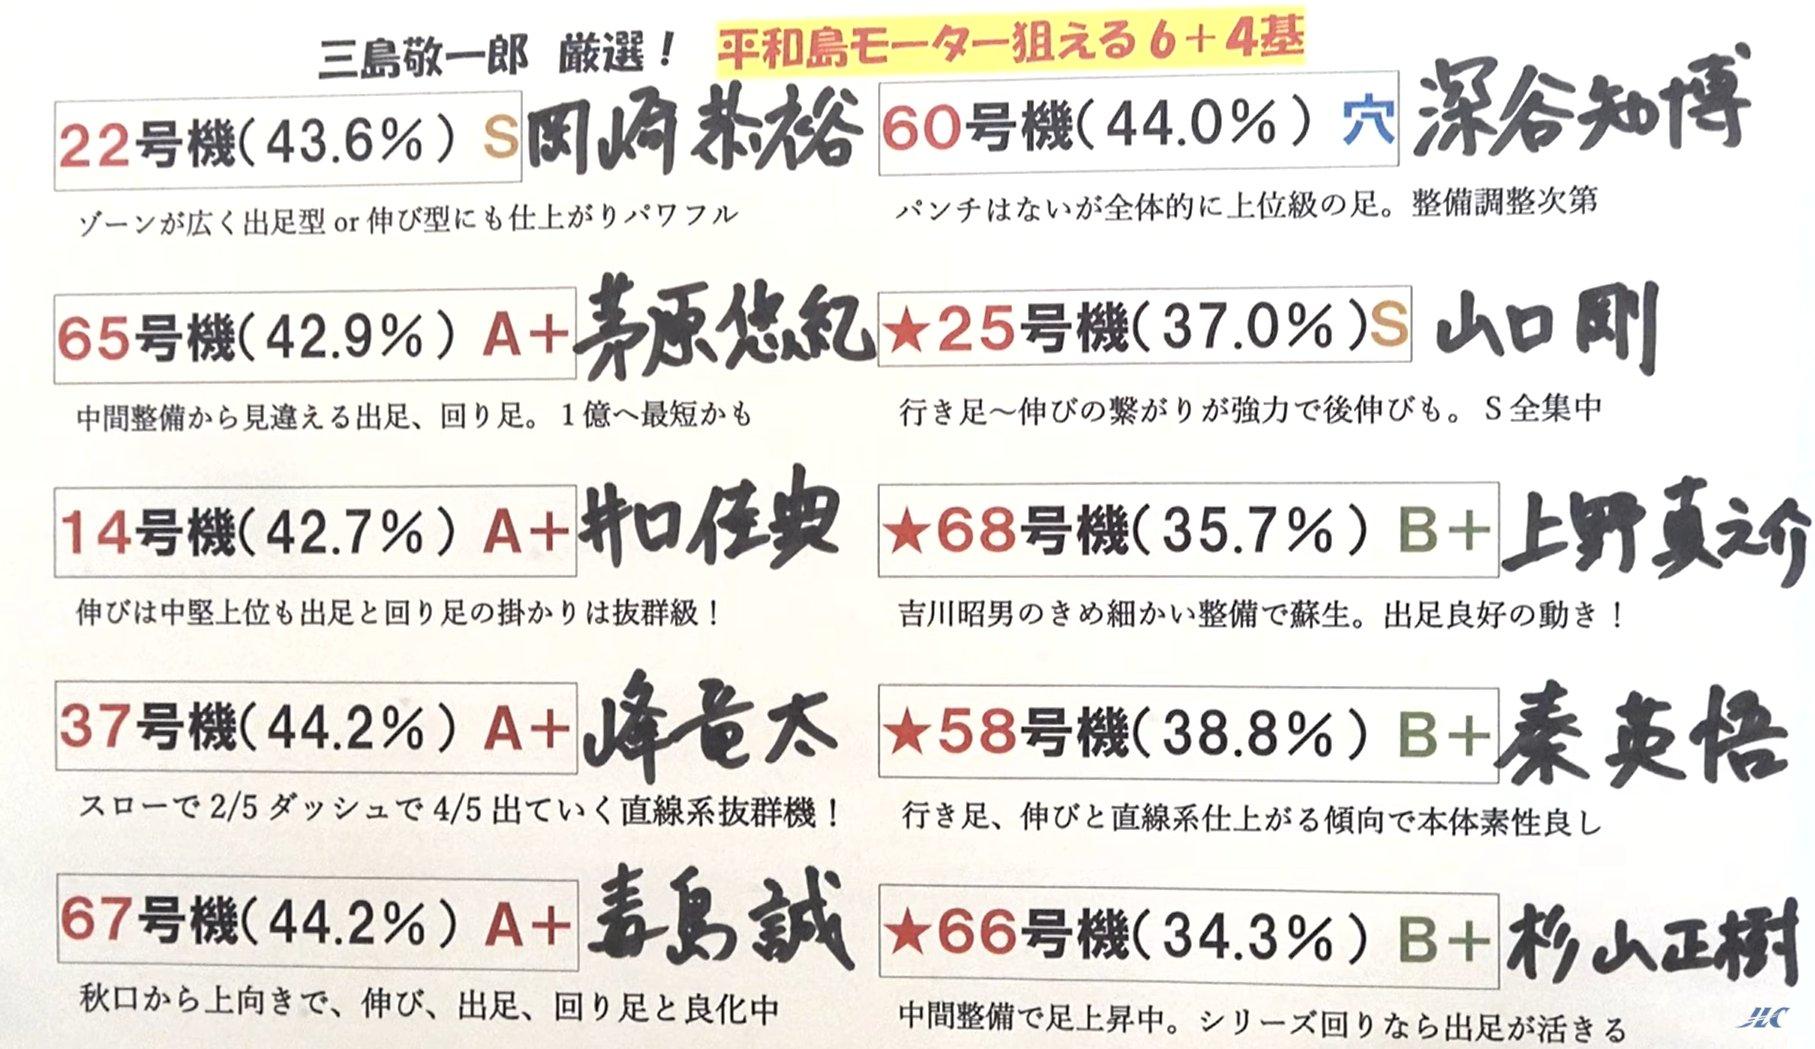 【競艇SG】第35回グランプリ前検!三島敬一郎さん厳選!狙えるモーター6+4基。ボートレース平和島・賞金王